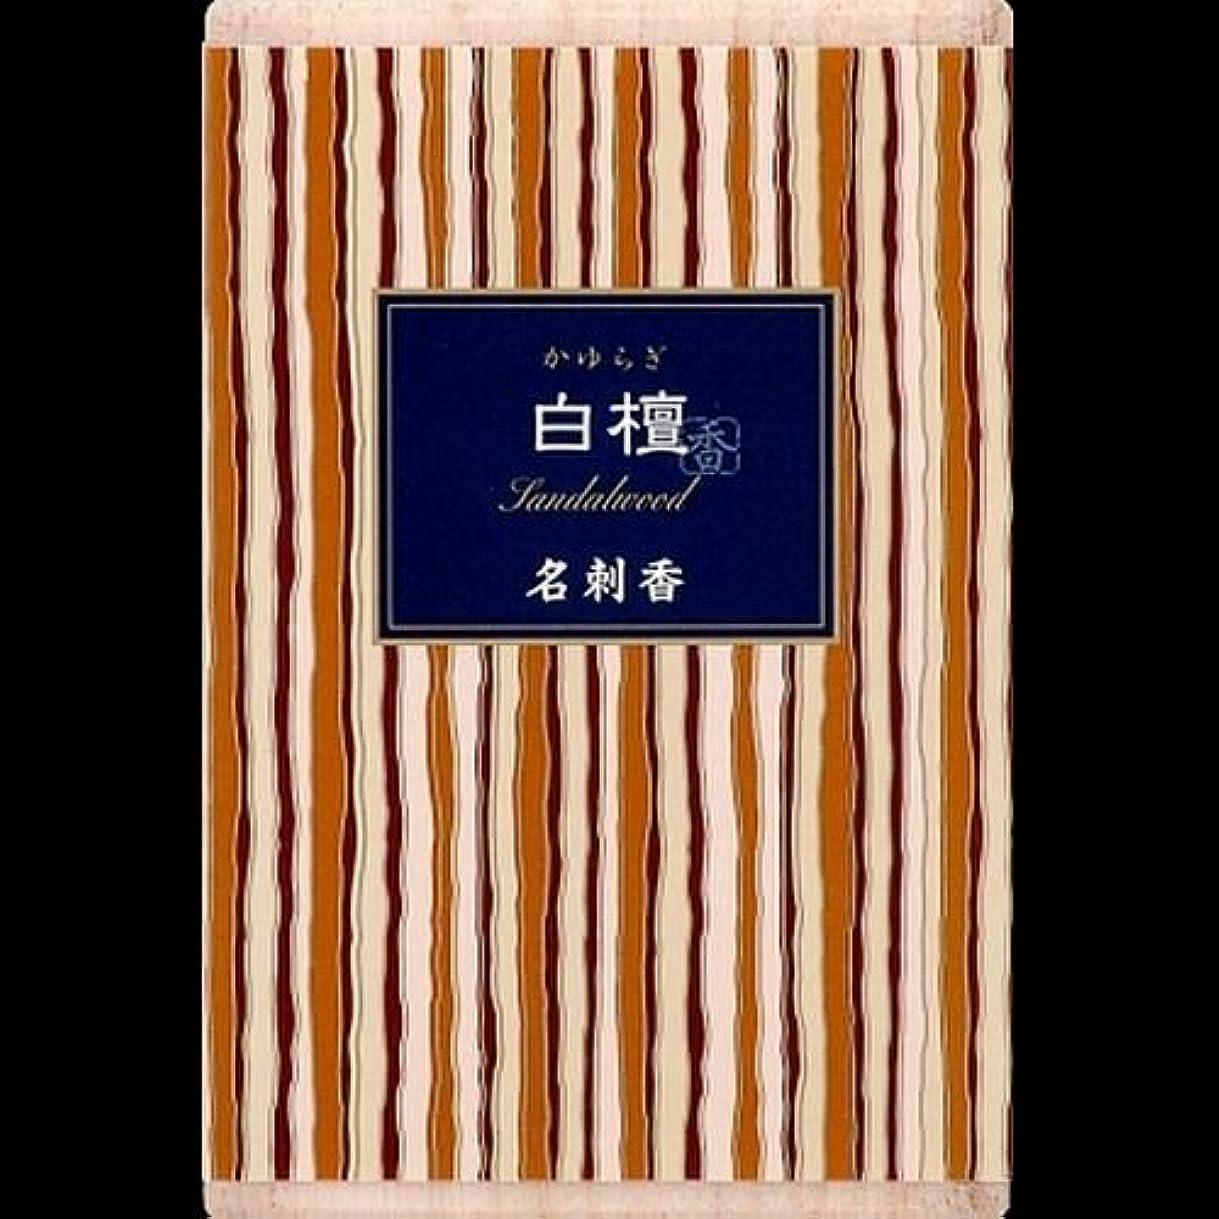 ホップ悩みヘッジ【まとめ買い】かゆらぎ 白檀 名刺香 桐箱 6入 ×2セット